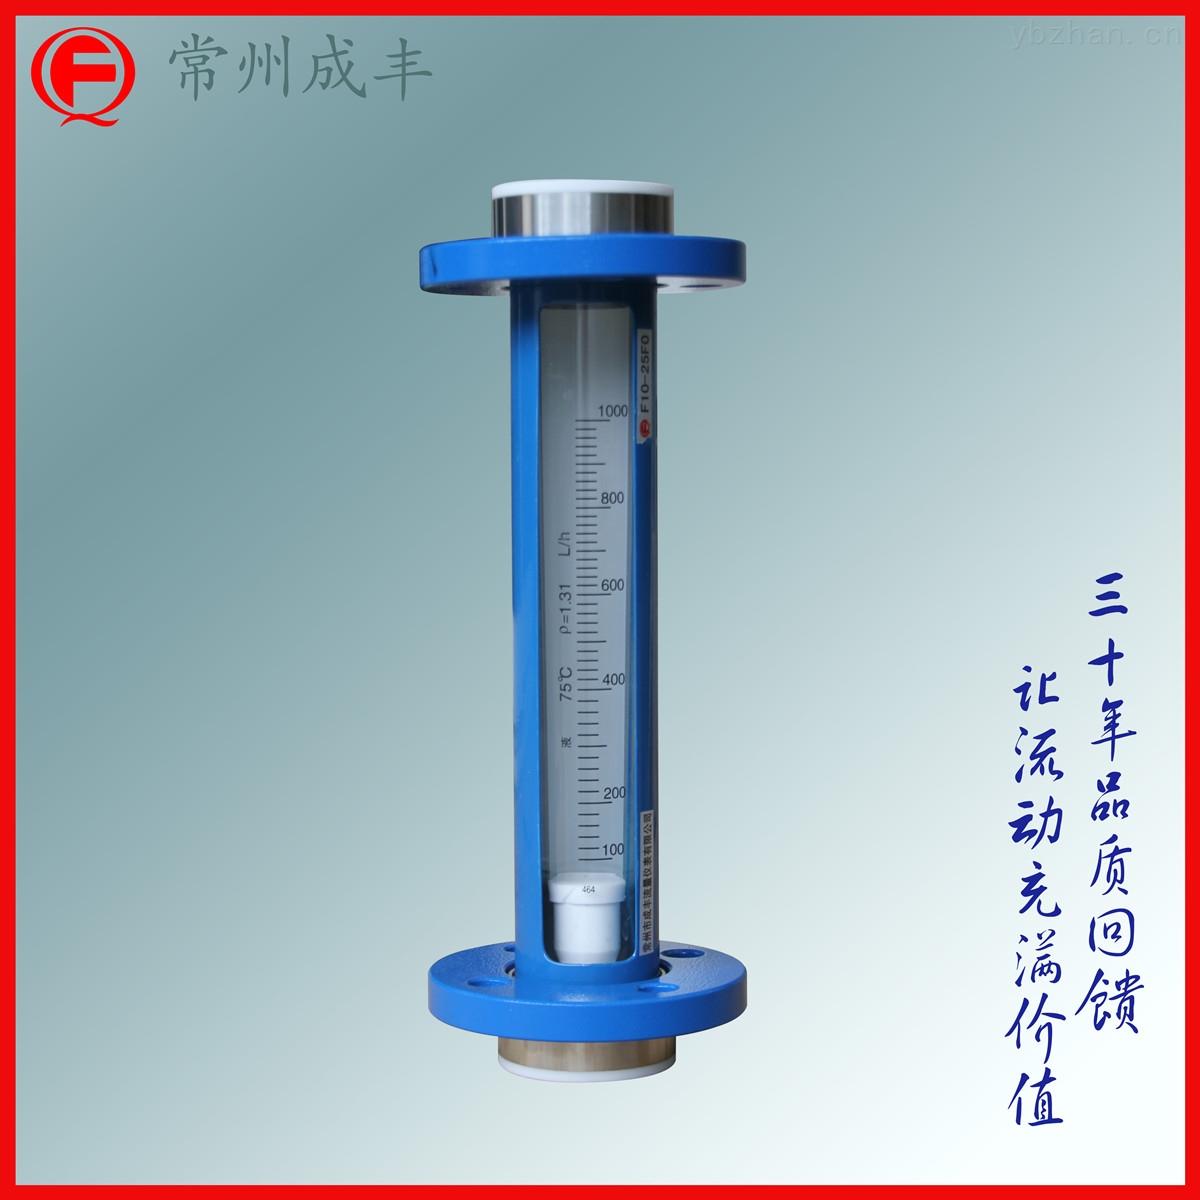 高精度玻璃转子流量计成丰仪表内衬四氟保障